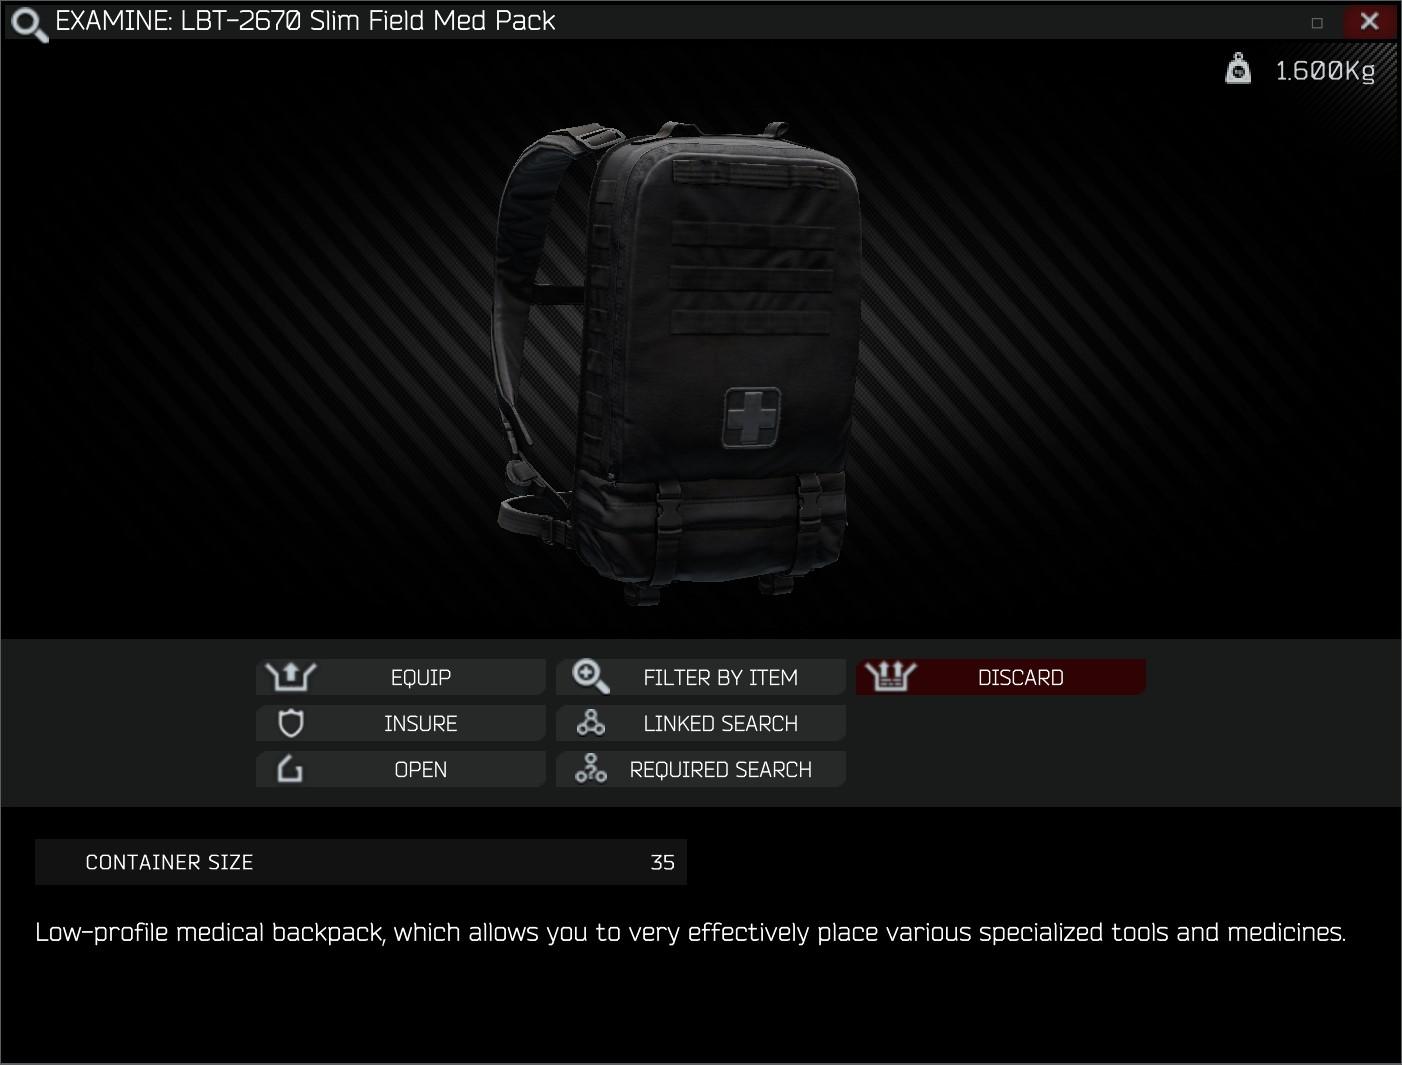 LBT-2670 Slim Field Med Pack.jpg